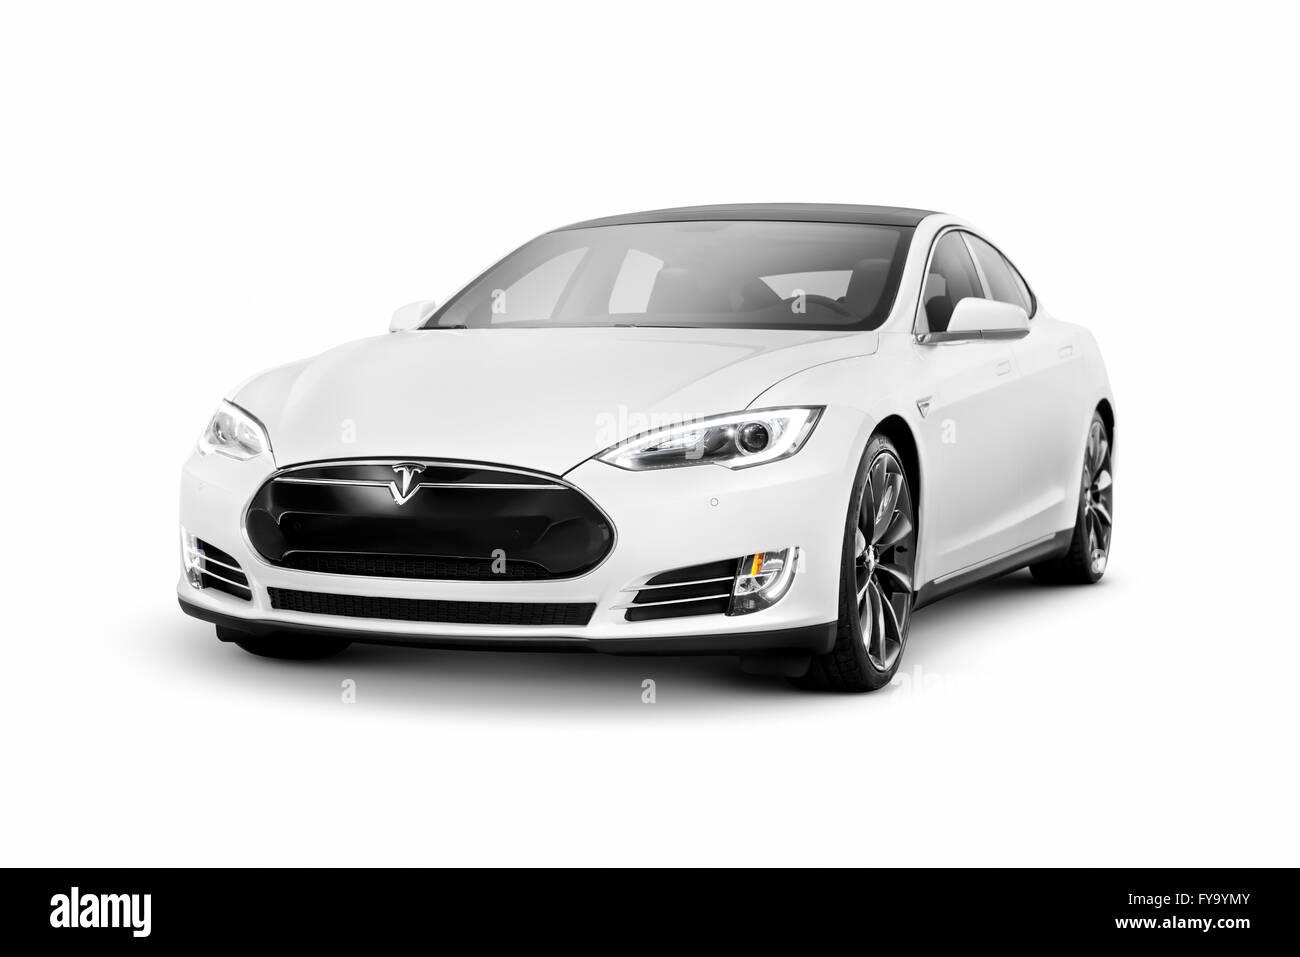 2014 White Model S Tesla voiture électrique de luxe berline premium Photo Stock